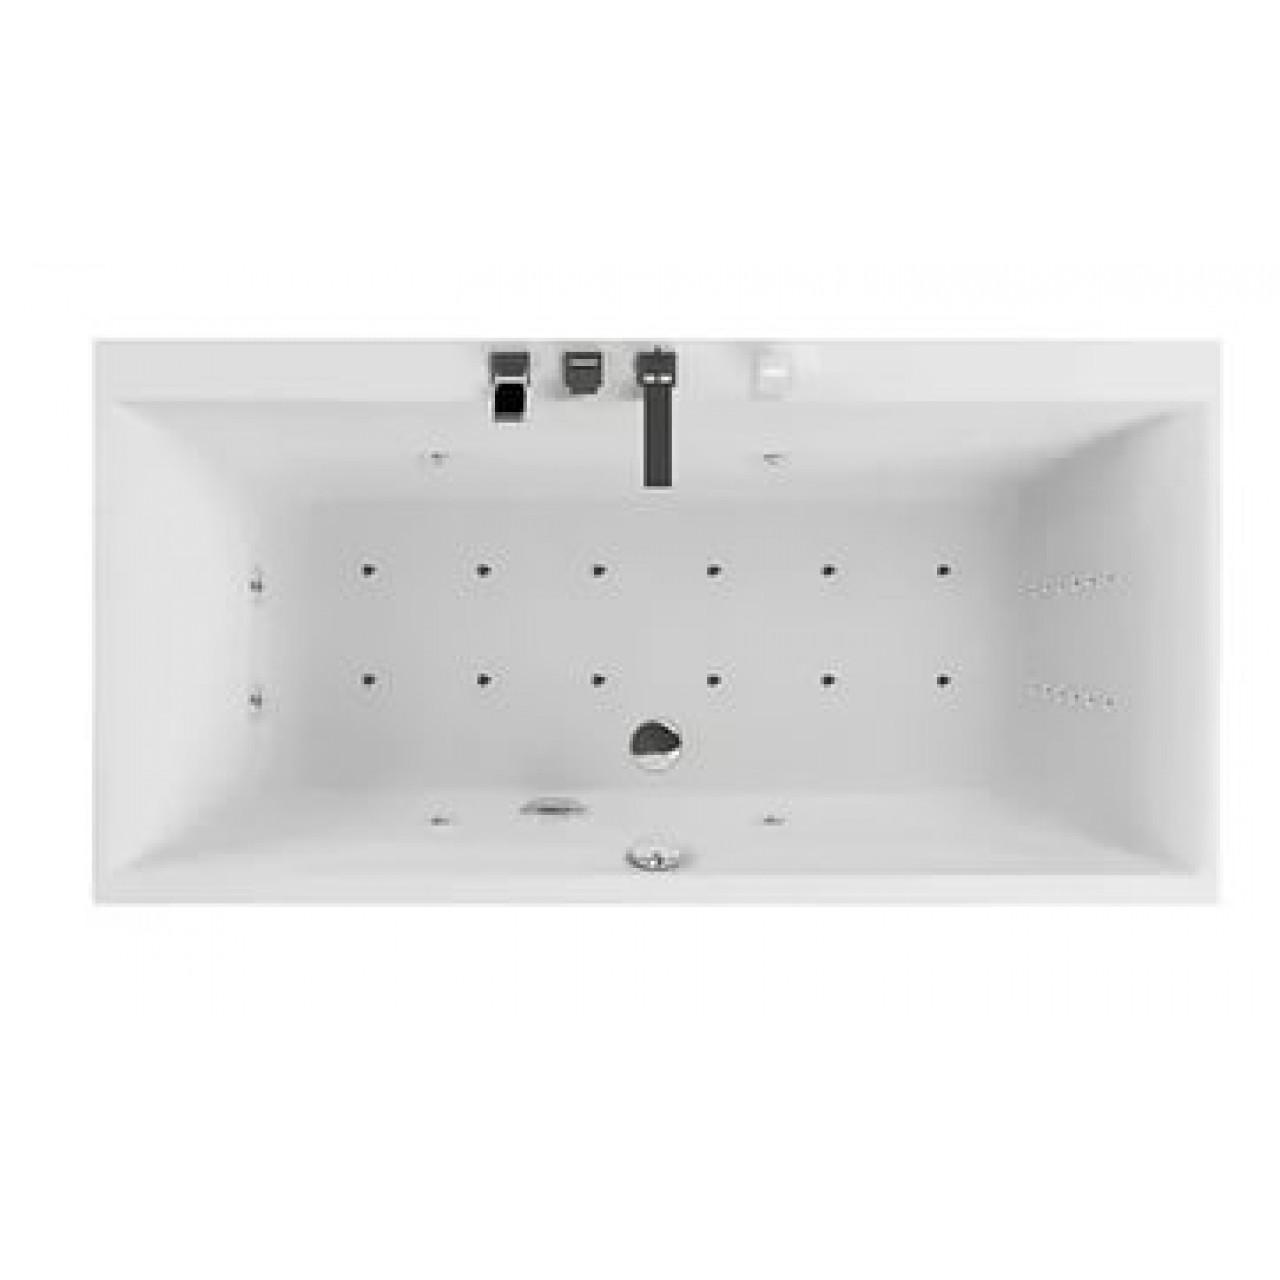 Акриловая ванна Акватика Армада 3D 180x90х68 купить в Москве по цене от 190520р. в интернет-магазине mebel-v-vannu.ru